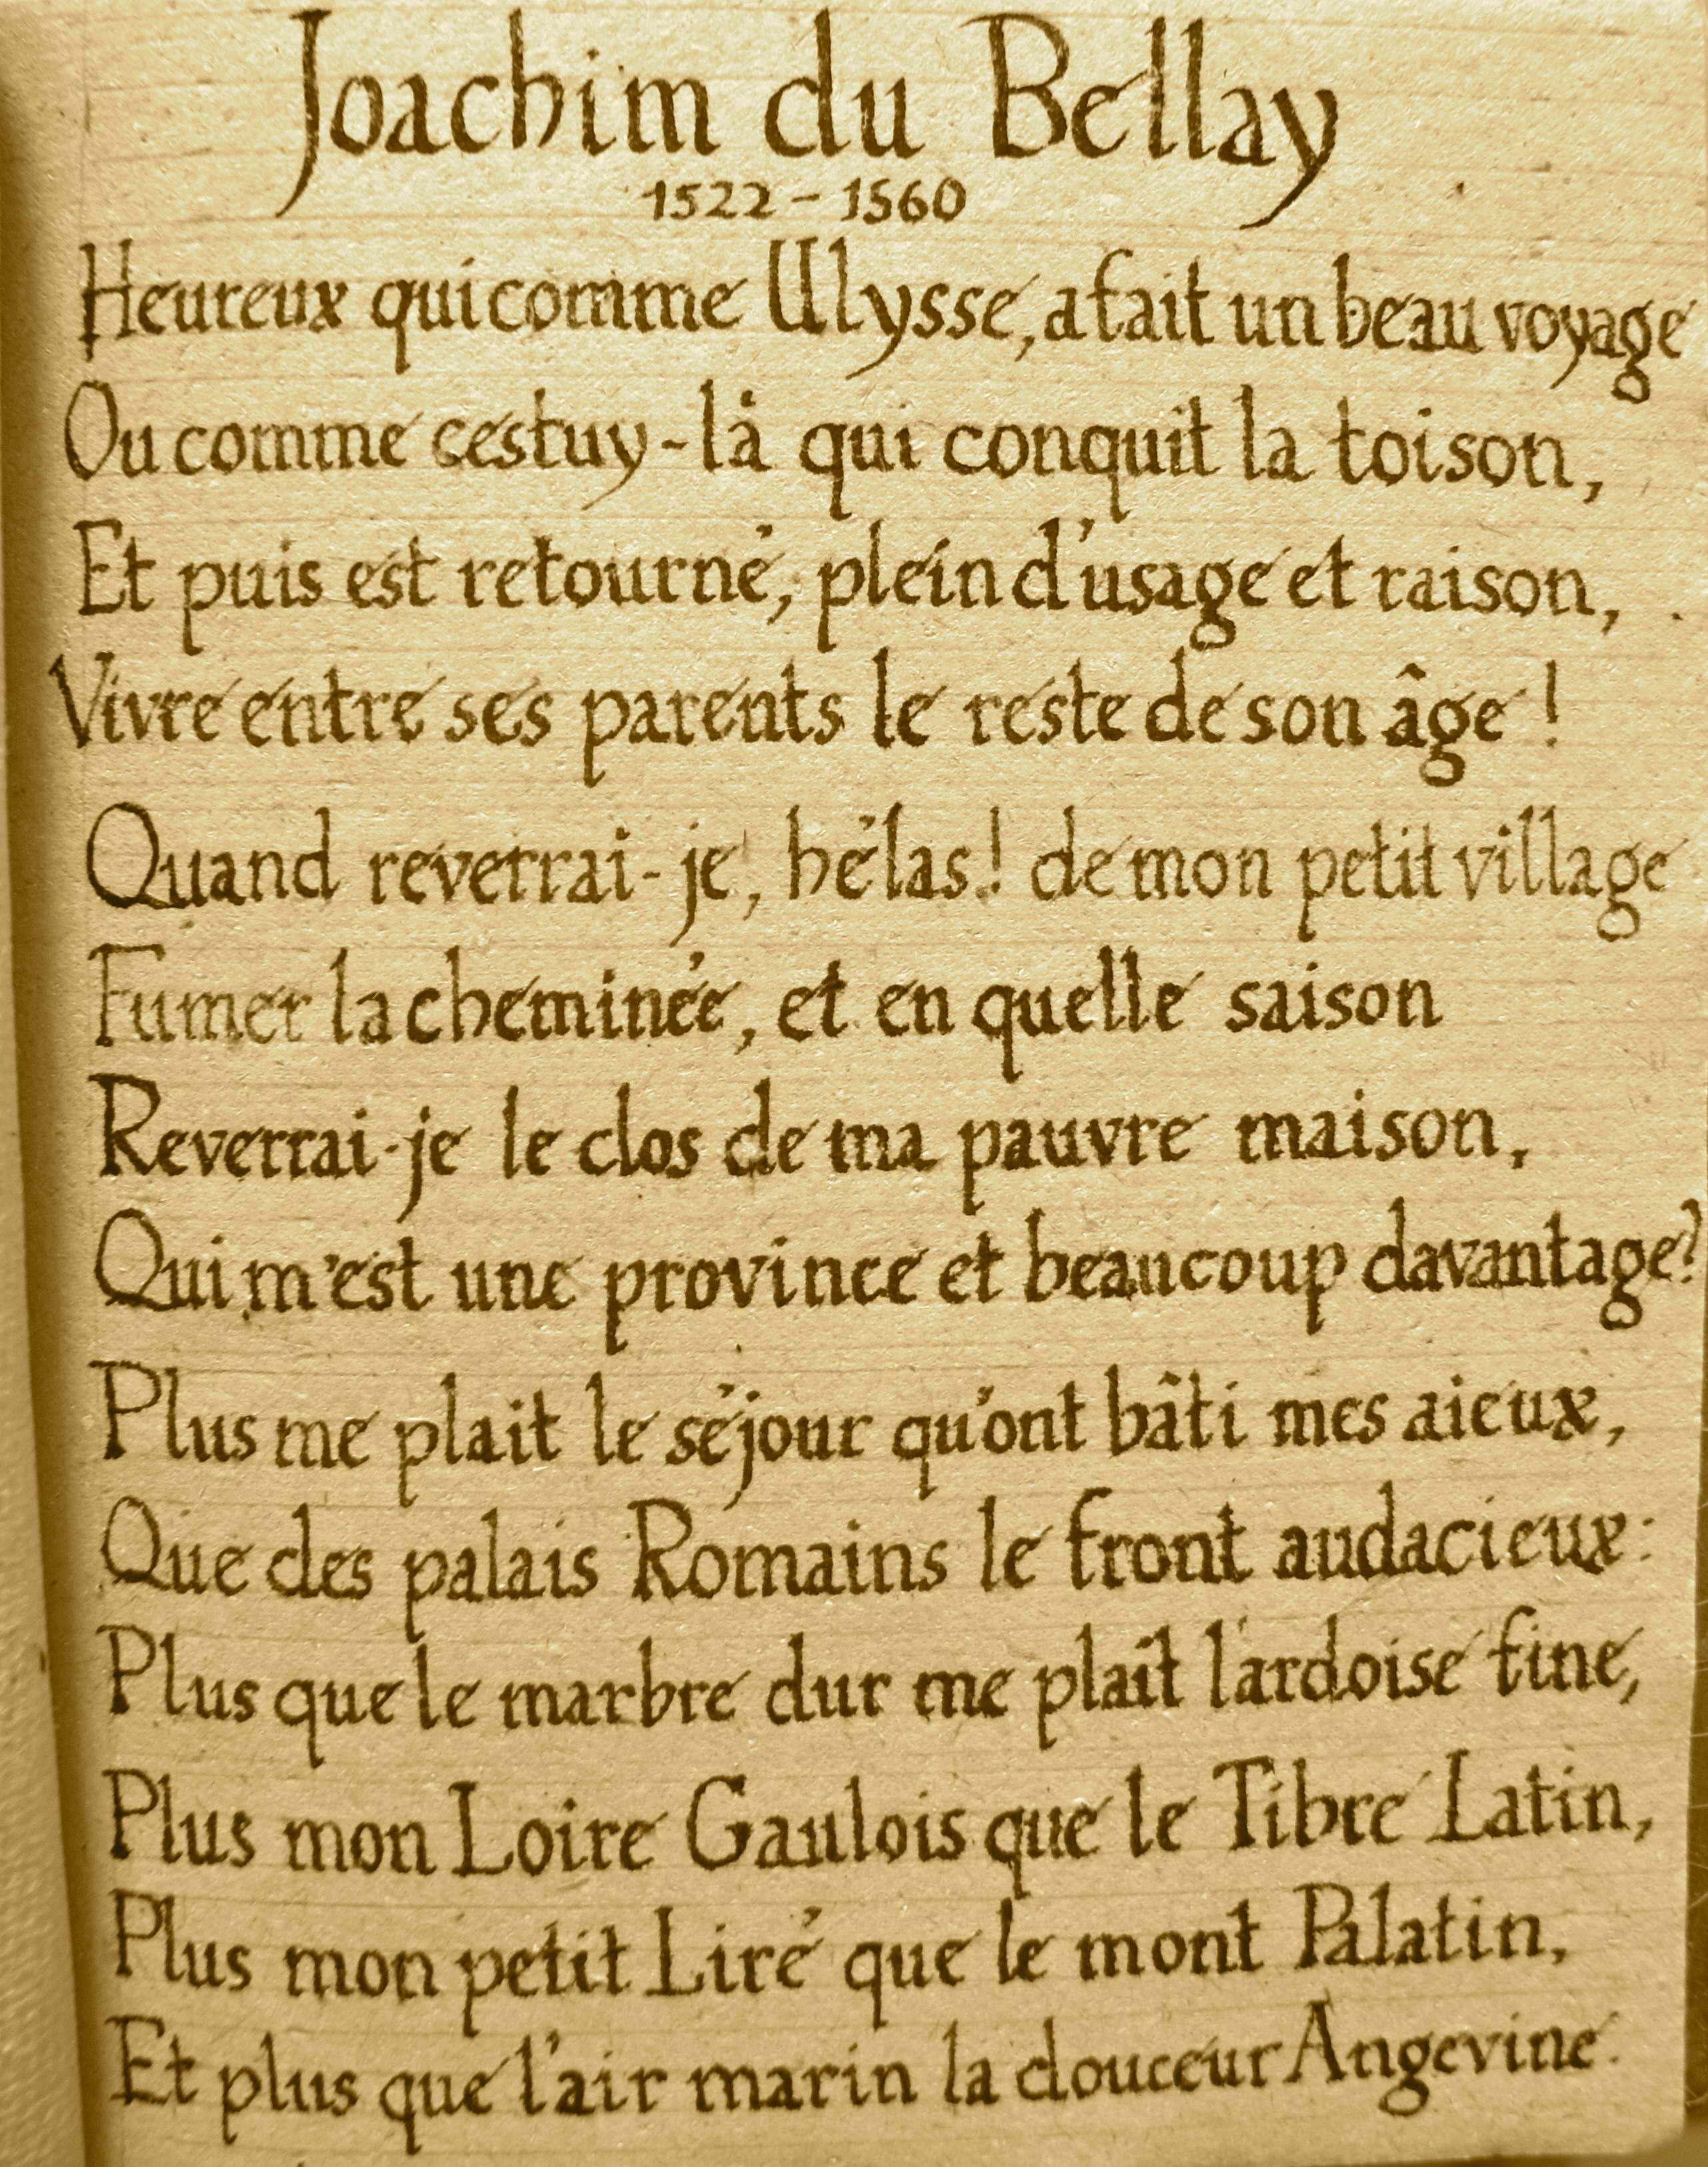 Po me de joachim du bellay 1522 1560 heureux qui comme ulysse